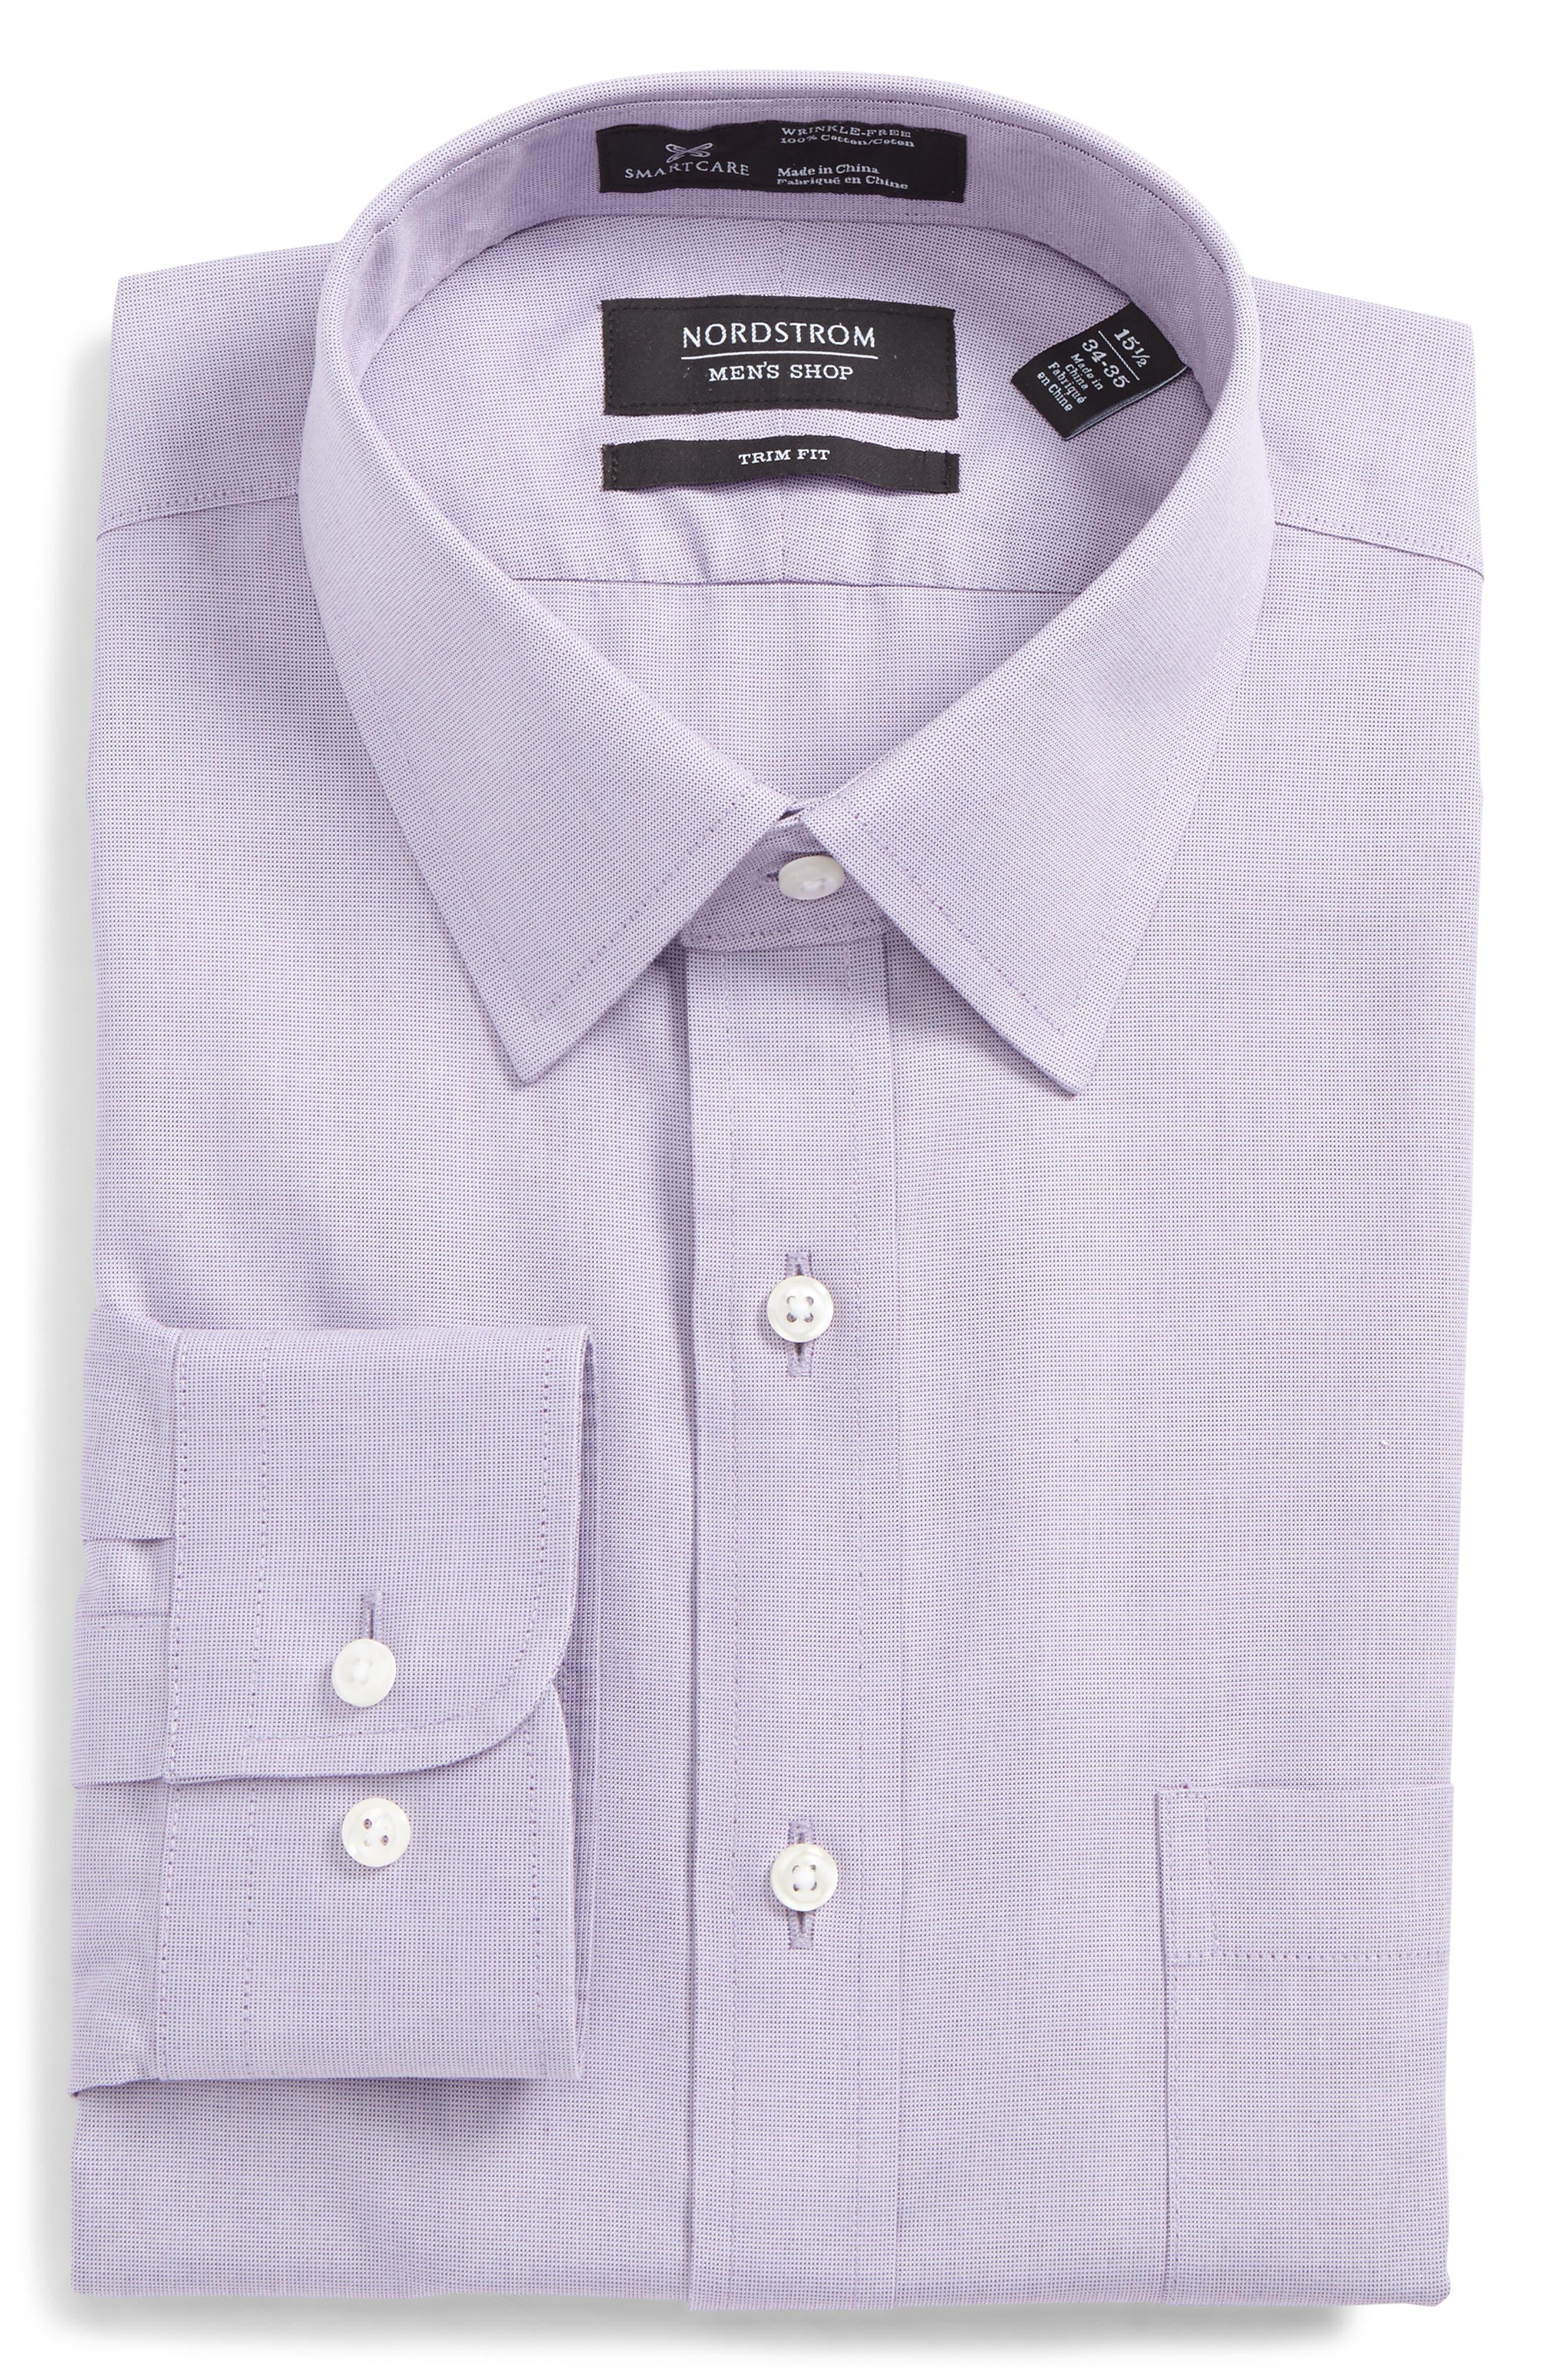 Nordstrom Shop Smartcare(TM) Trim Fit Solid Dress Shirt, 5.5 34/35 - Purple